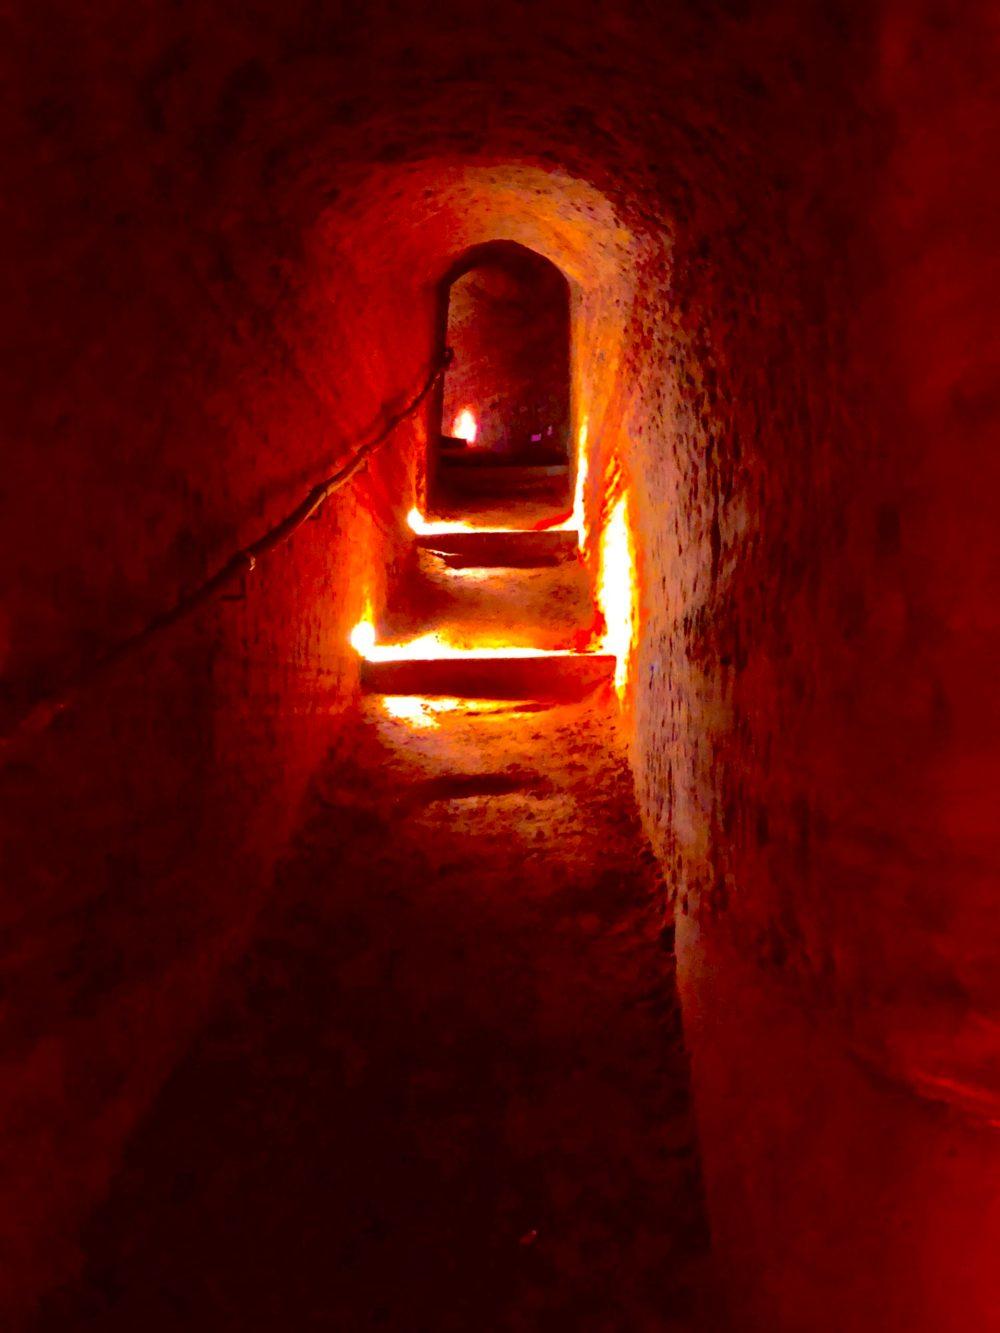 Treppe zu einer höheren Ebene der Schlossberghöhlen. Abstrakt bearbeitet mit starker Erhöhung der Wärme, Sättigung und Brillanz